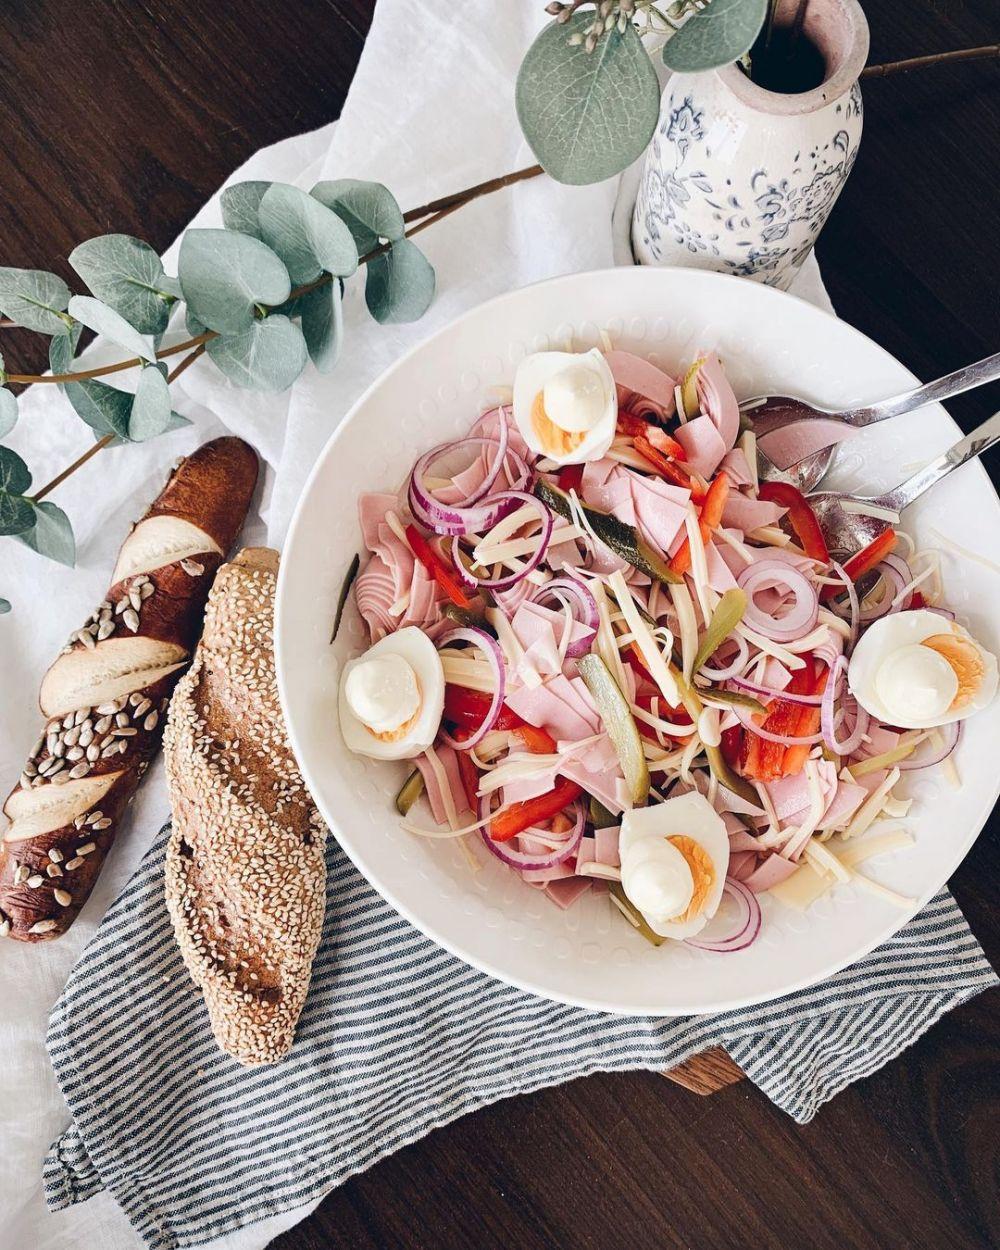 5 Macam Salad Segar dari Jerman, Sederhana tapi Menggugah Selera